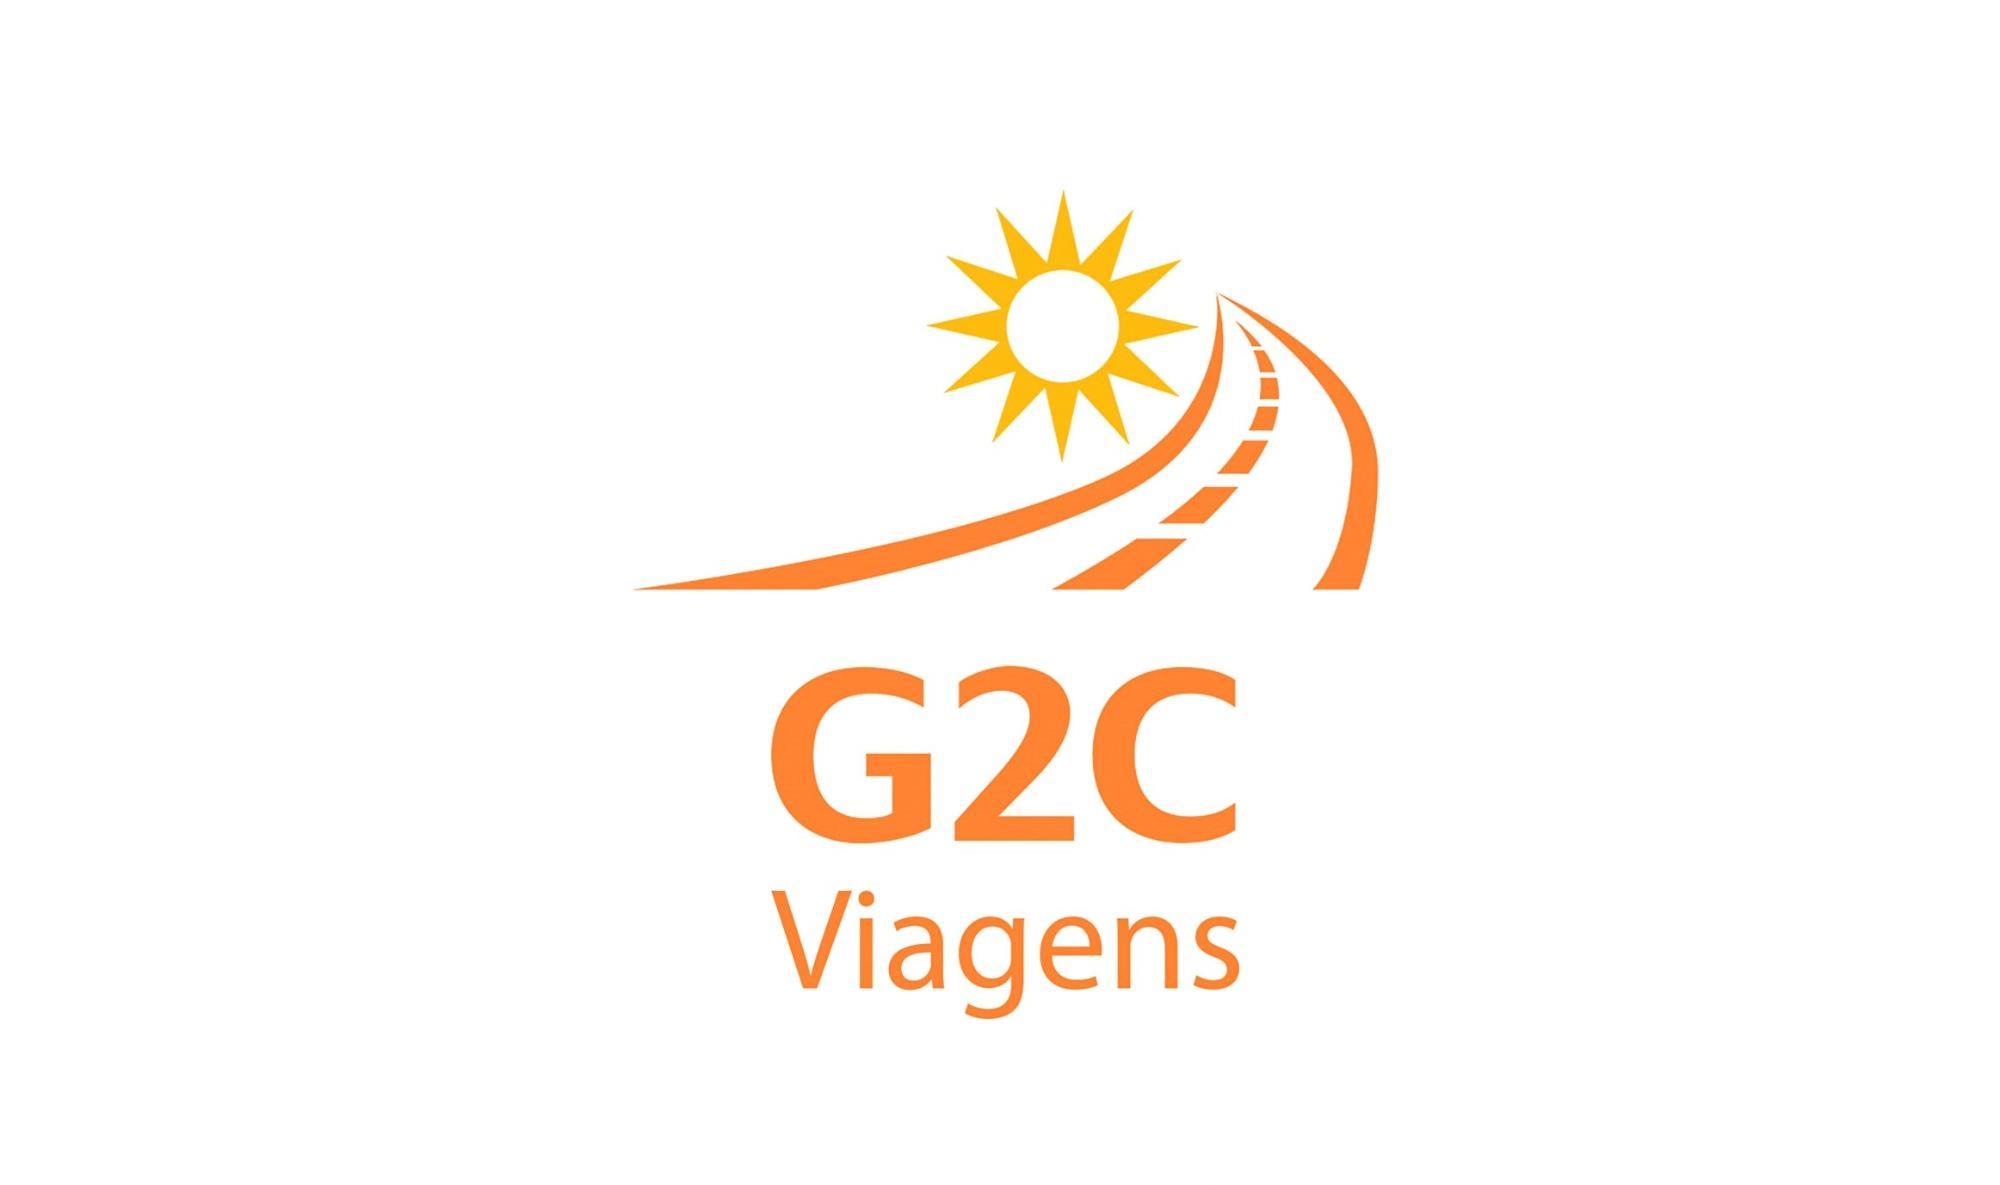 G2C Viagens